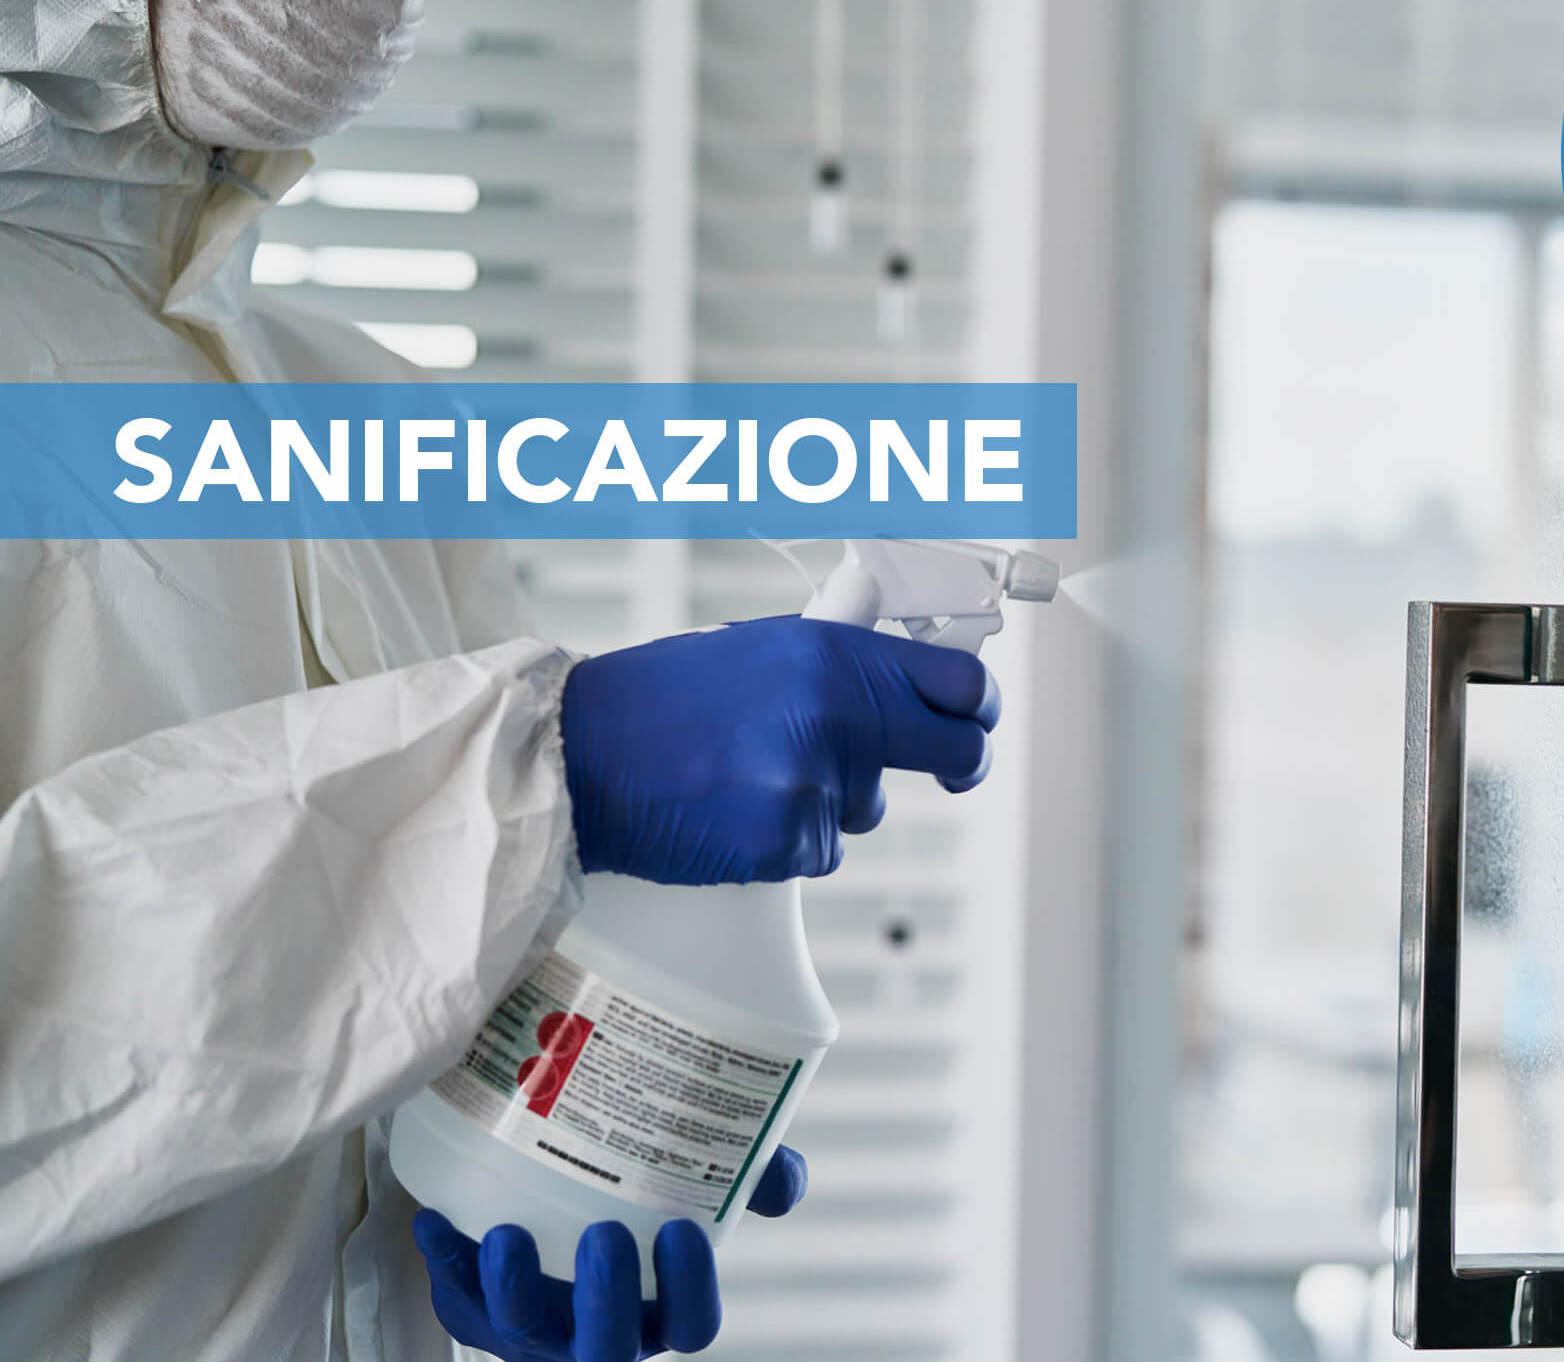 SANIFICAZIONE_02